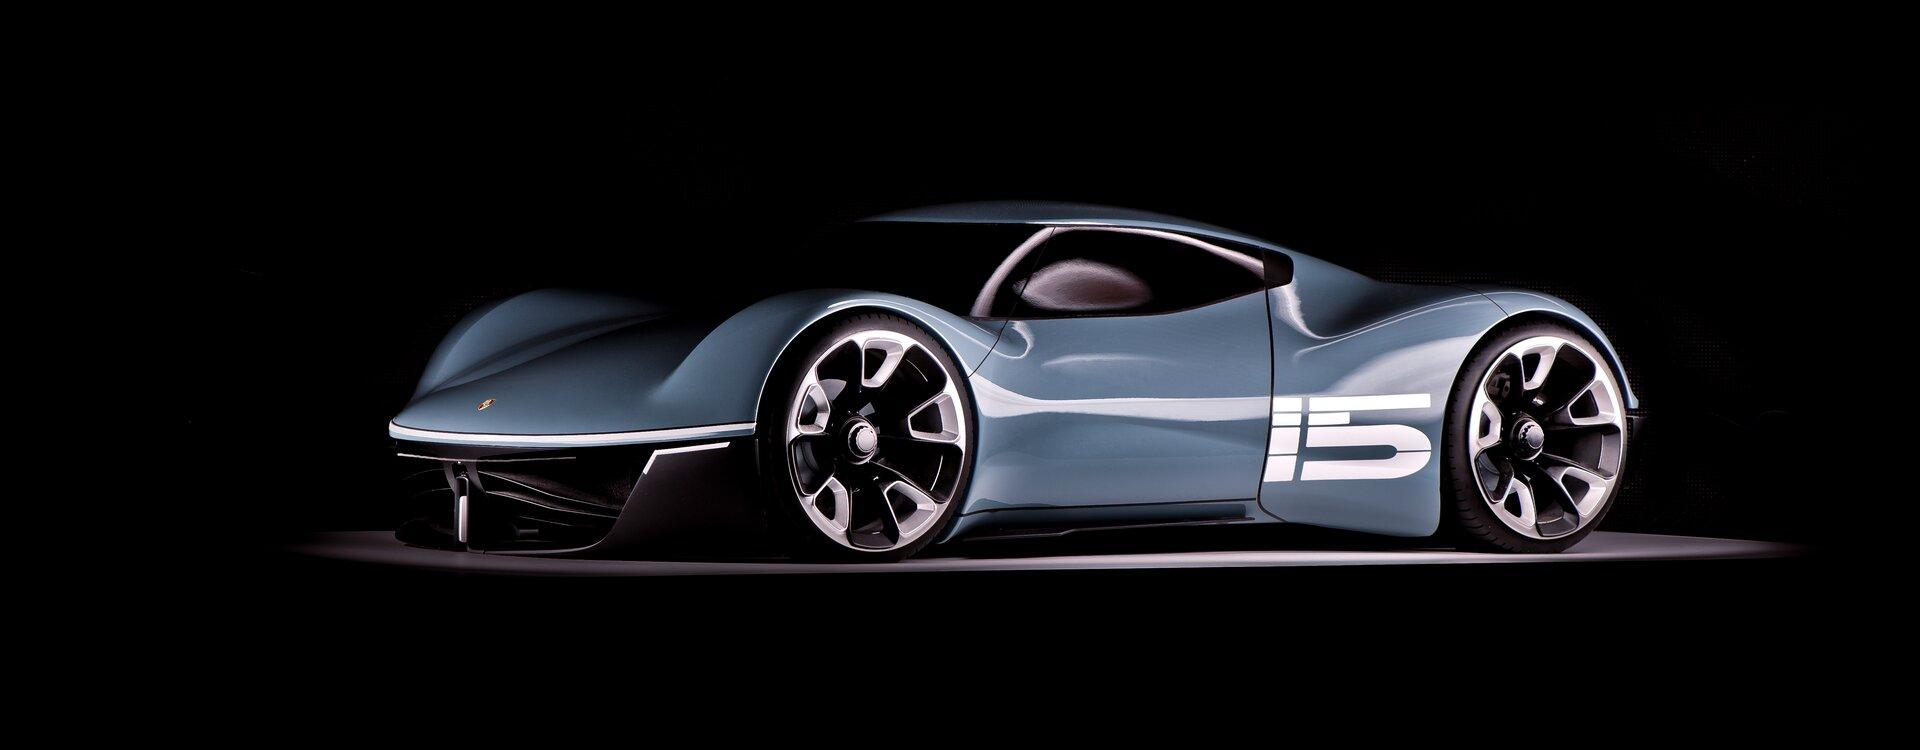 Porsche-Vision-916-2